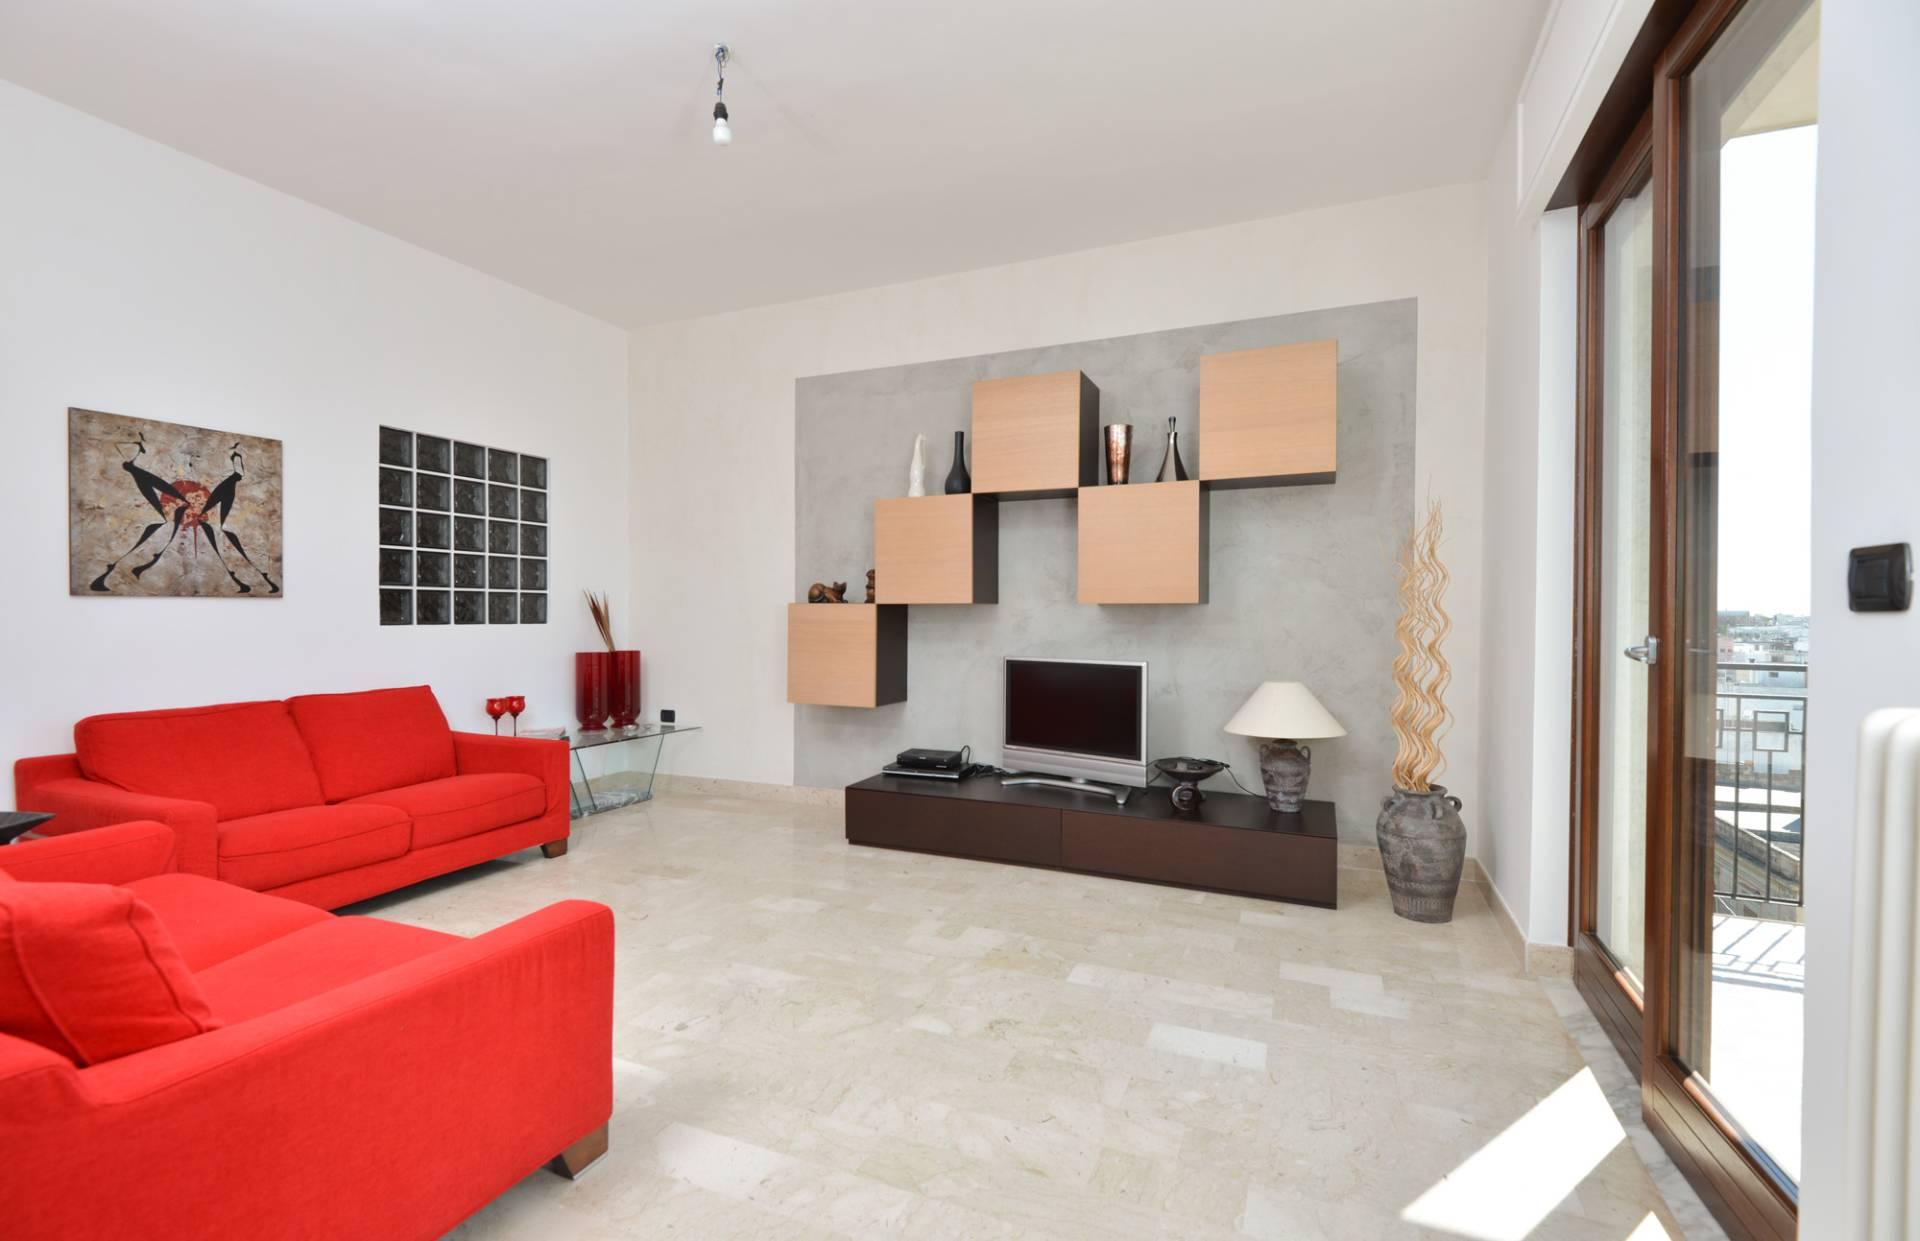 Appartamento in vendita a Mesagne, 4 locali, prezzo € 139.000 | CambioCasa.it